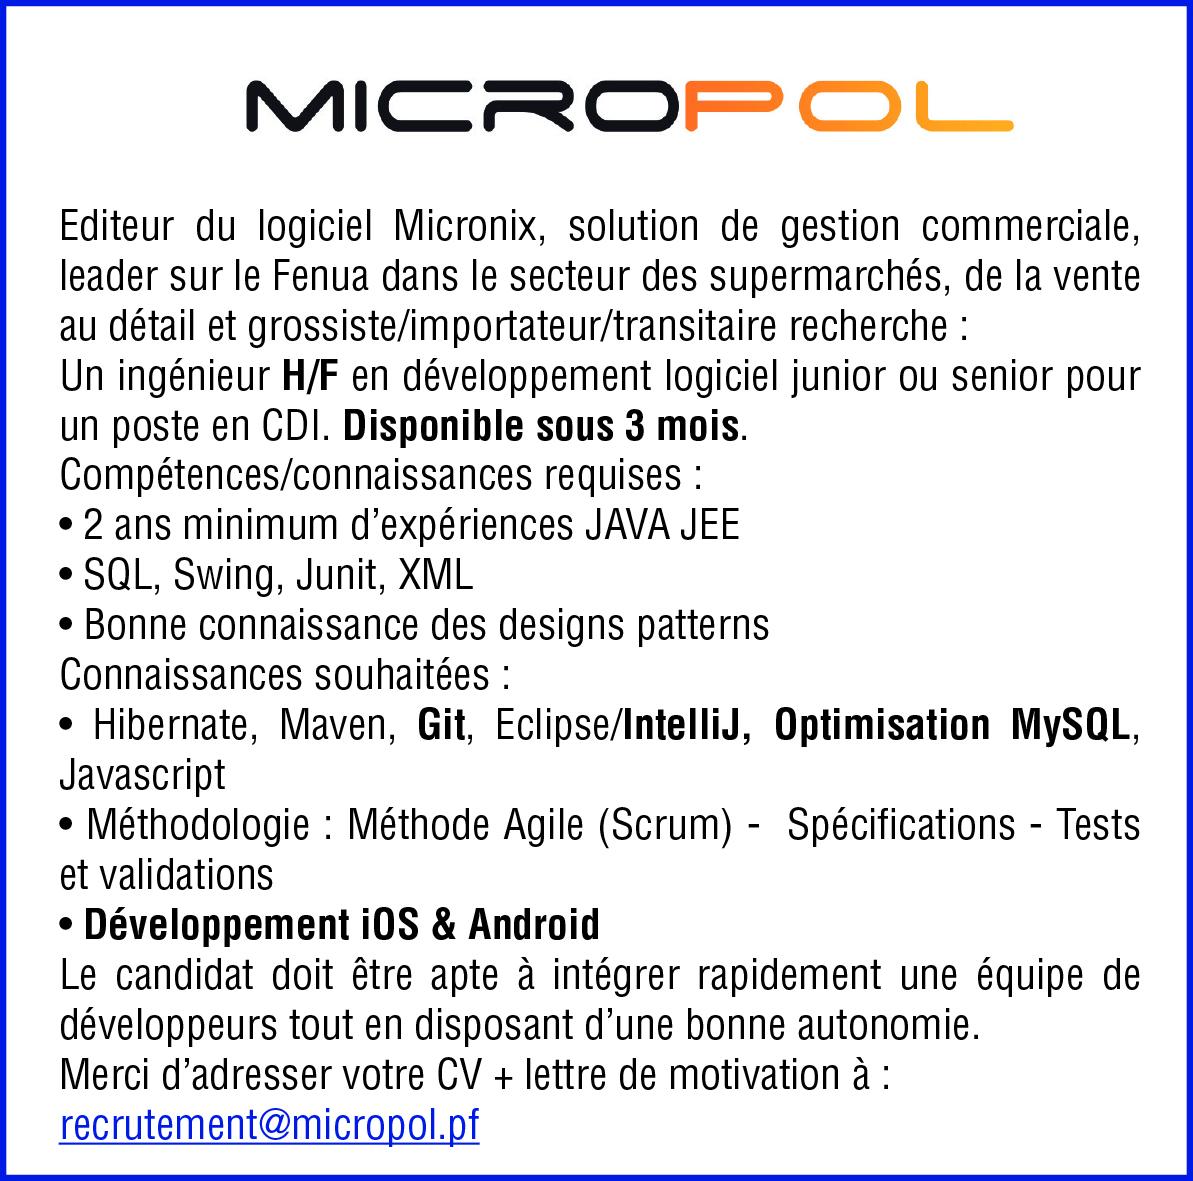 MICROPOL - OFFRE D'EMPLOI POUR UN EDITEUR DU LOGICIEL MICRONIX, solution de gestion commerciale